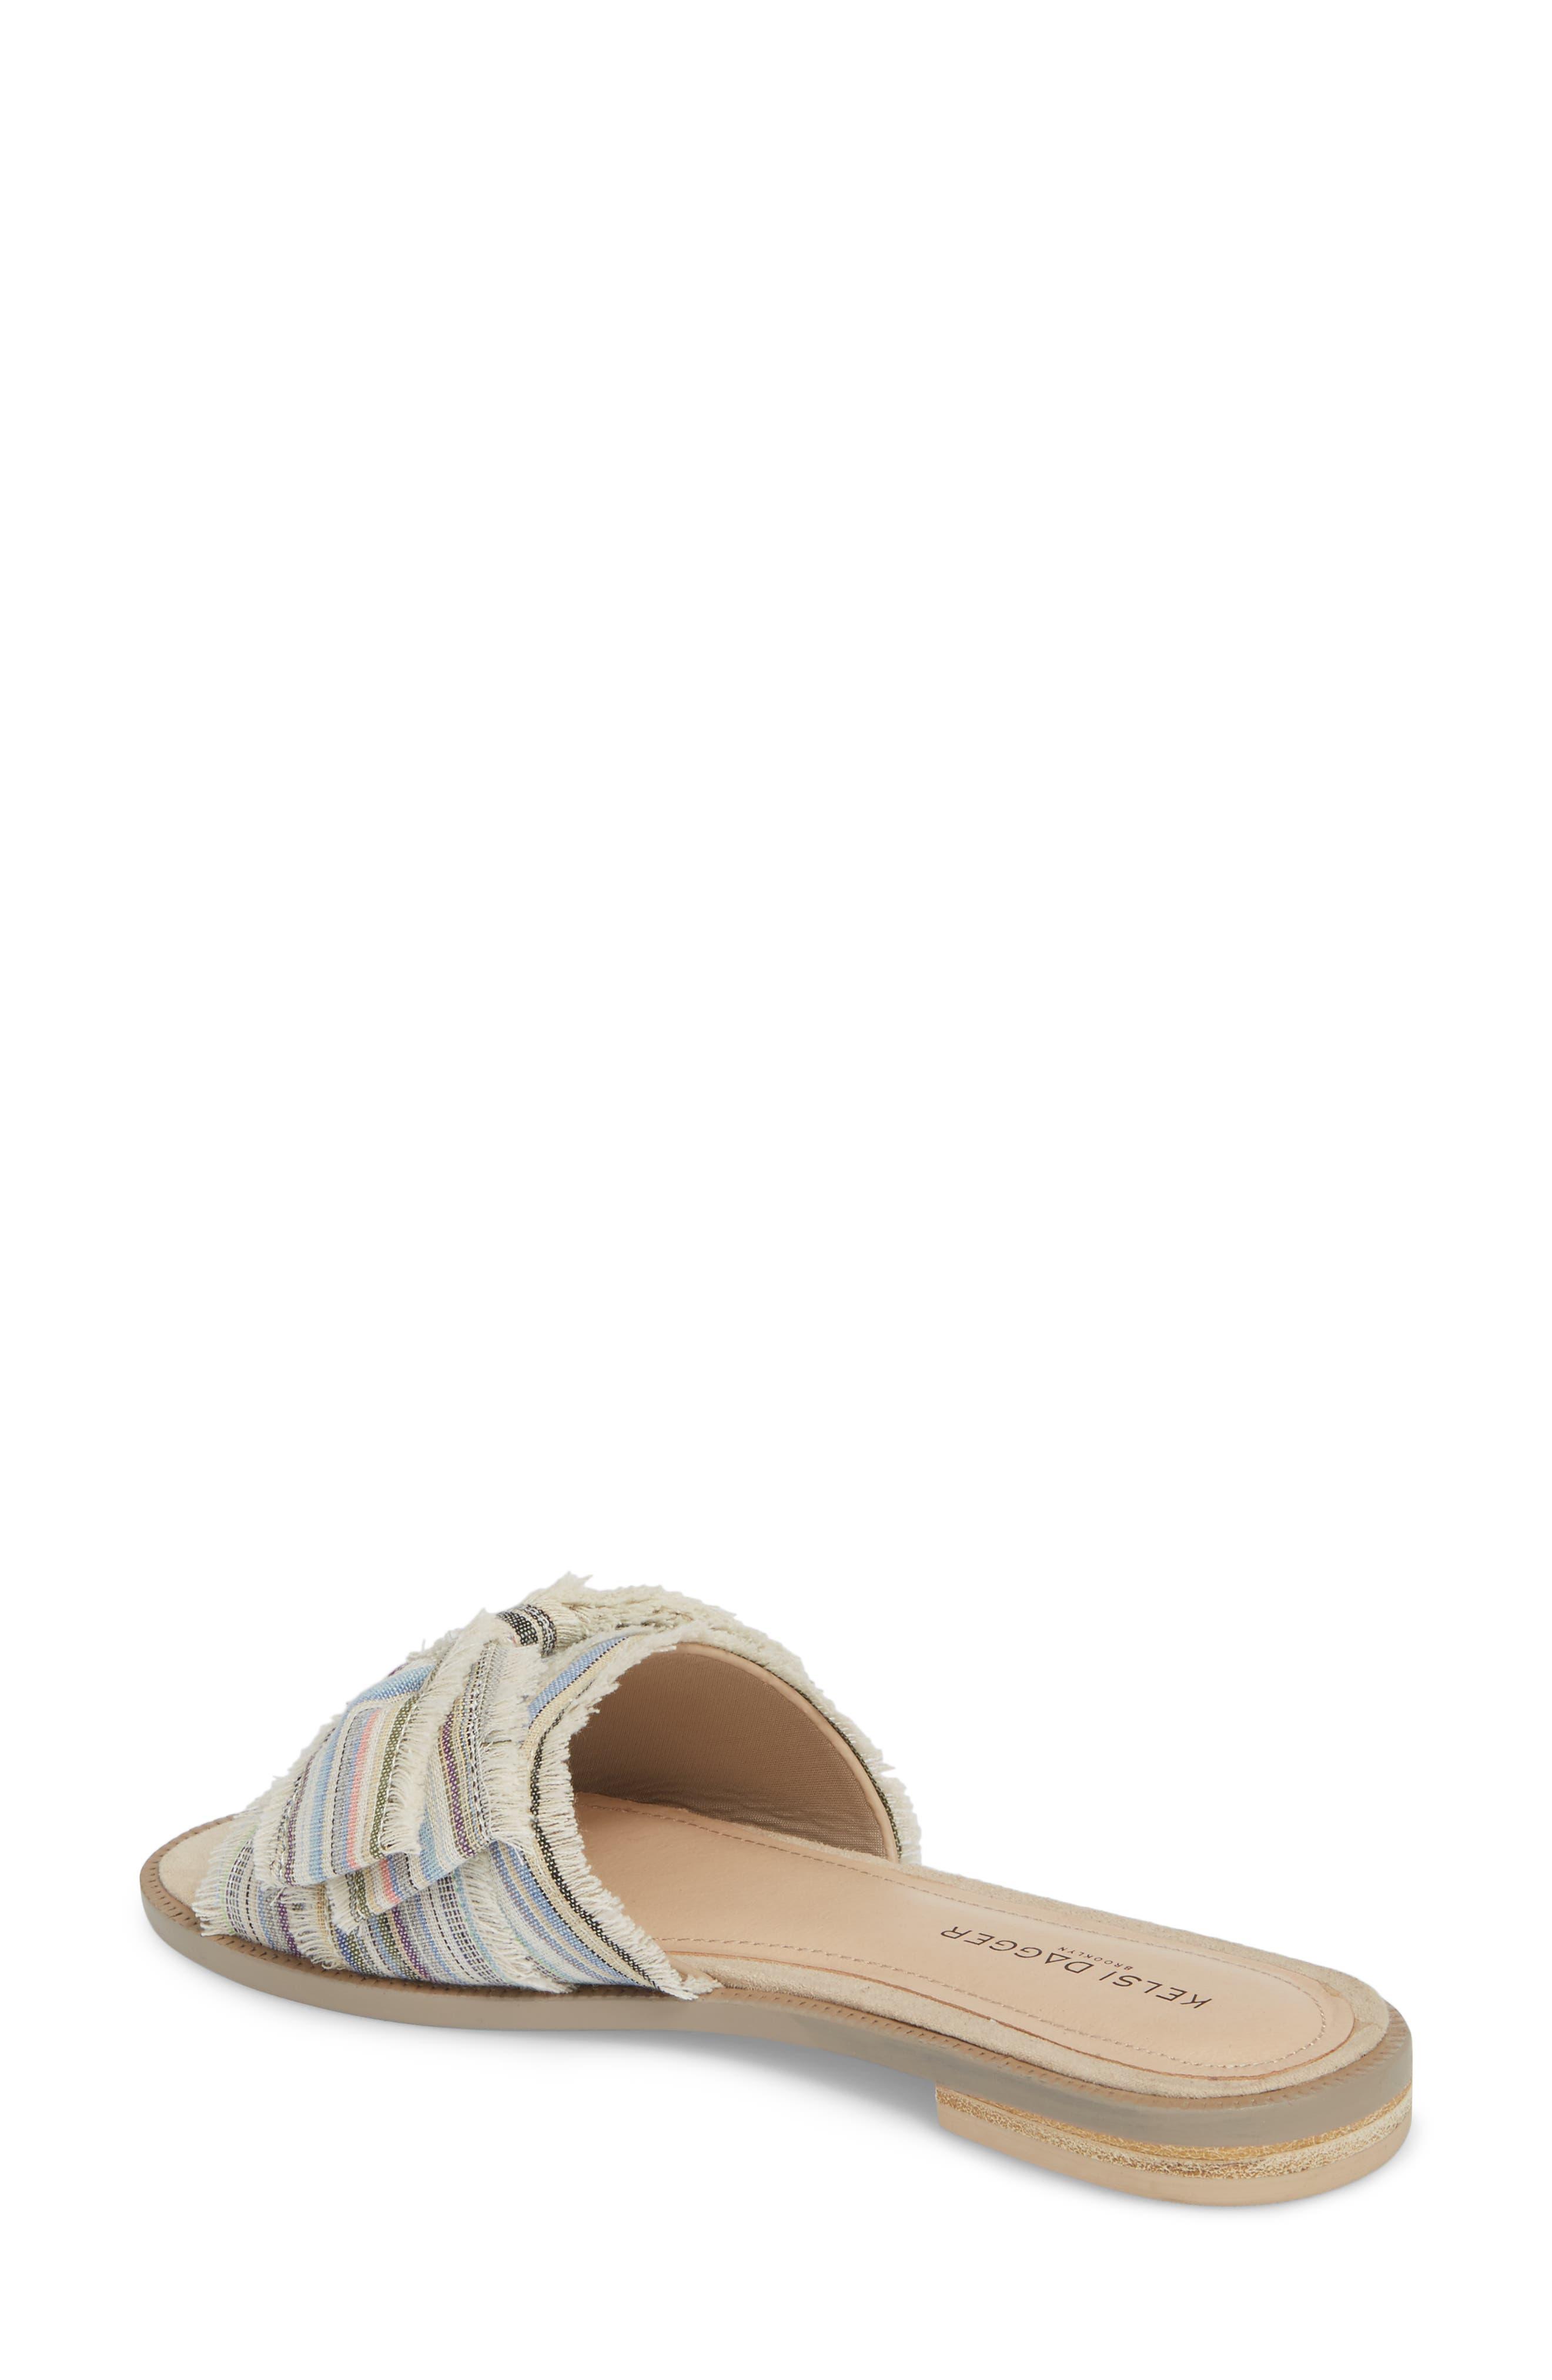 Revere Bow Slide Sandal,                             Alternate thumbnail 2, color,                             Bone/ Multi